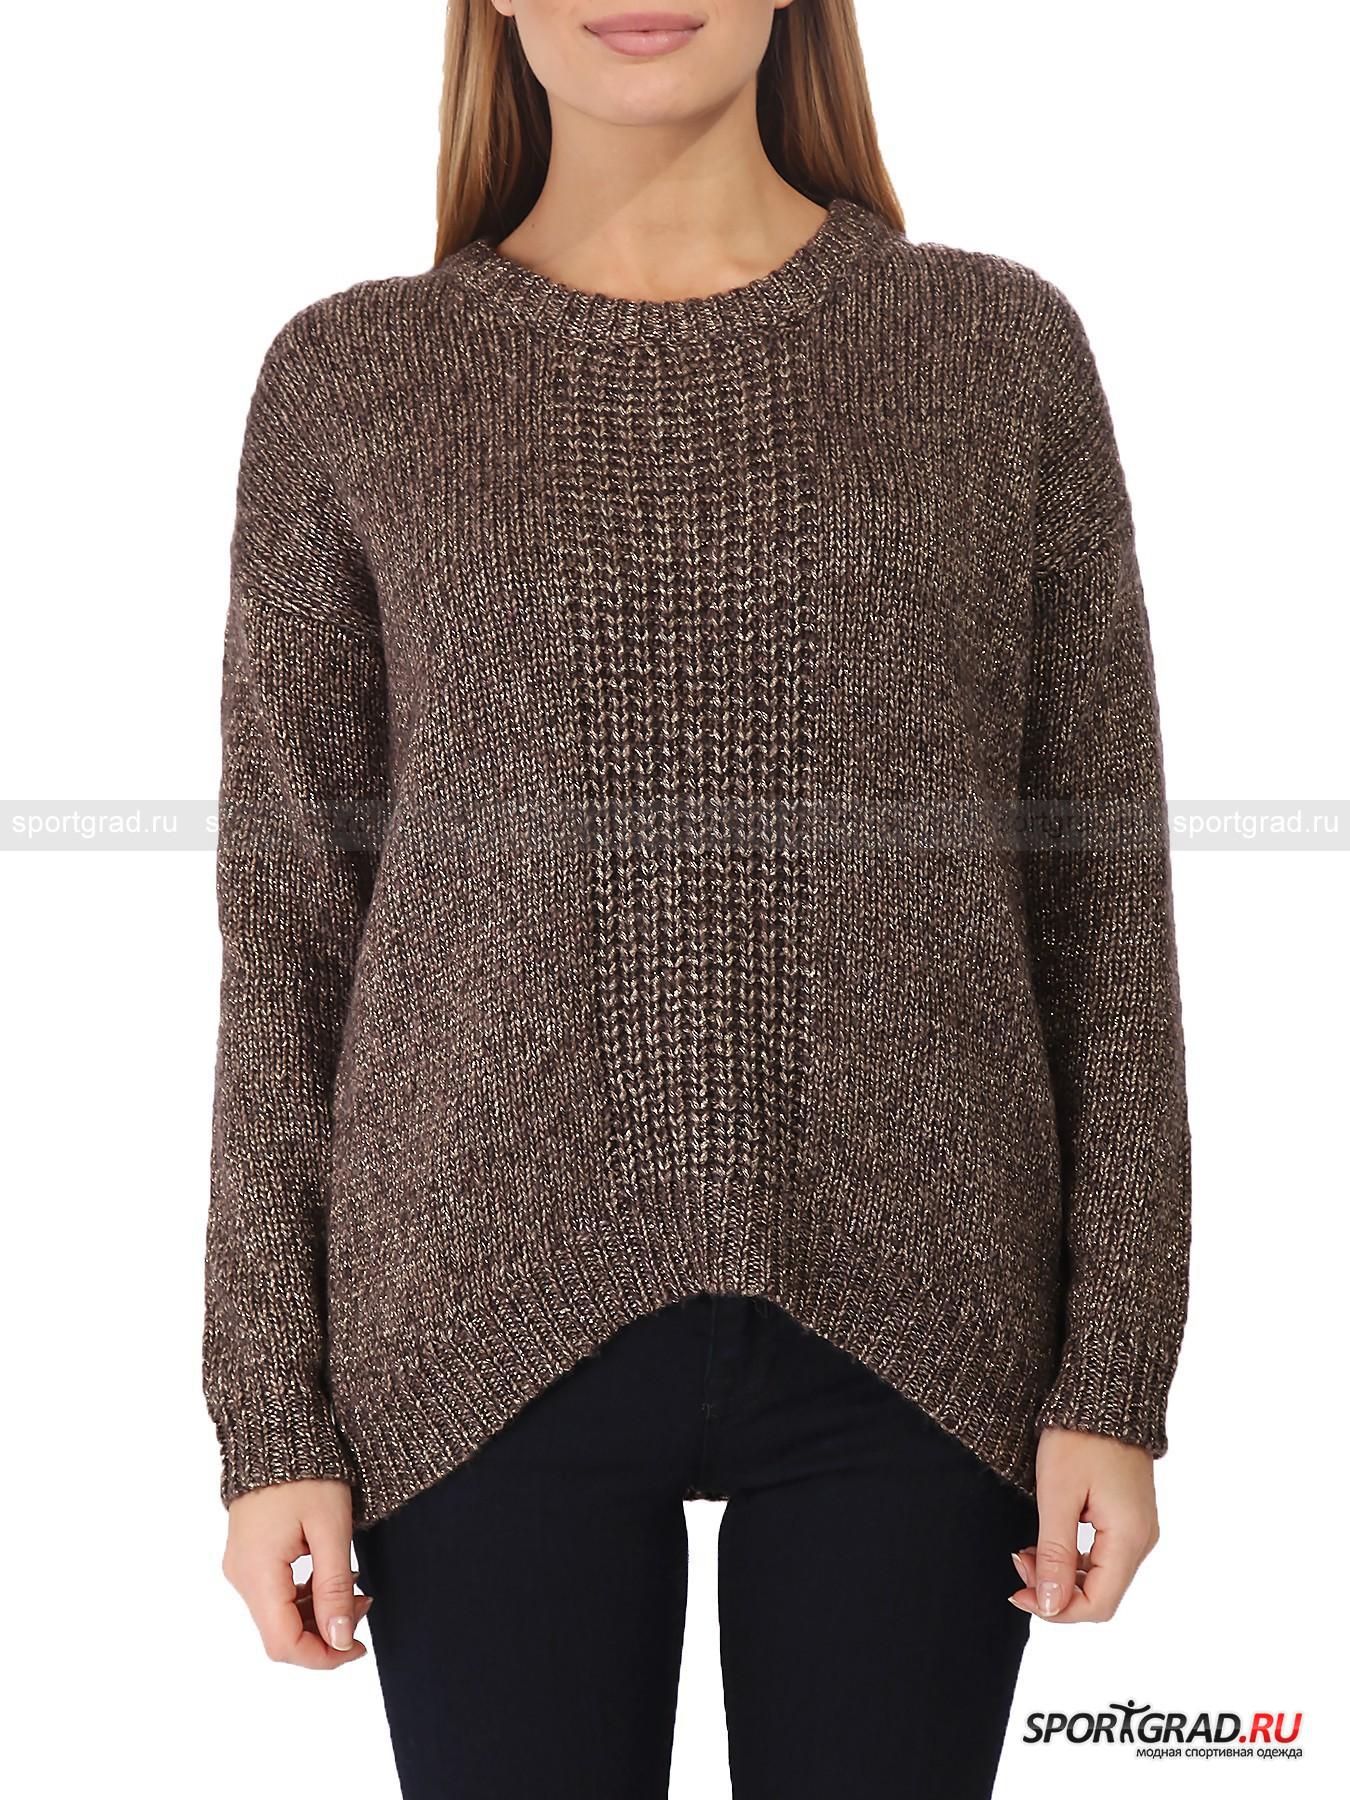 Свитер женский Sweater DEHAДжемперы, Свитеры, Пуловеры<br>Итальянская марка Deha по-особенному умеет обращаться с цветом. Вещи бренда почти никогда не бывают яркими, оттенки получаются натуральными, приглушенными, но при этом интересными. Вот и представленный свитер Sweater Deha примечателен прежде всего цветом – благородный оттенок бронзы дополнен золотистыми блестящими нитями, что смотрится весьма необычно и стильно. <br><br>Другая особенность модели – фасон oversize, который является одним из главных модных трендов этой зимы. Такой покрой понравится девушкам с любым типом фигуры, так как он универсален  и на всех смотрится хорошо и к тому же легко сочетается с различными вариантами «низа».<br><br>Пол: Женский<br>Возраст: Взрослый<br>Тип: Джемперы, Свитеры, Пуловеры<br>Рекомендации по уходу: не стирать; не отбеливать; гладить слегка нагретым утюгом (температура до 110 C); только сухая чистка; нельзя выжимать и сушить в стиральной машине<br>Состав: 45% шерсть, 55% полиэстер